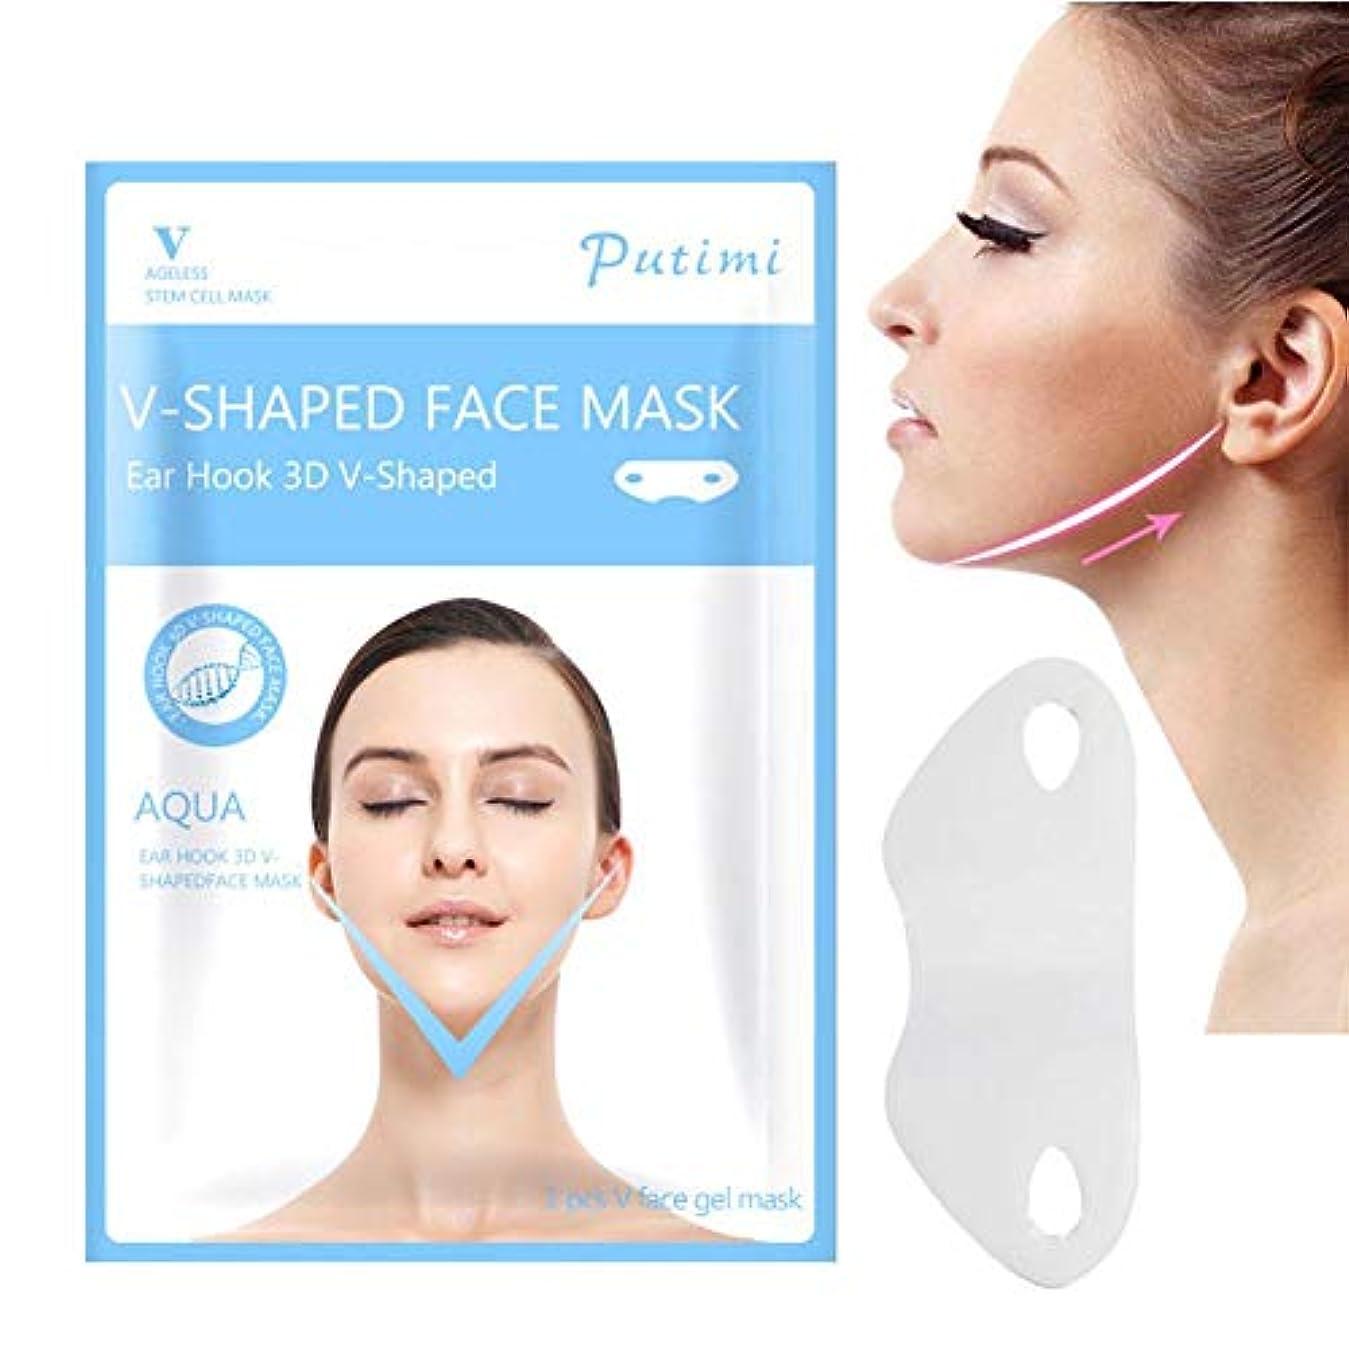 のためにジェットかごSILUN 最新型 Vフェイシャルマスク フェイスマスク 小顔 マスク フェイスラインベルト 美顔 顔痩せ 保湿 血行を促進する 睡眠マスク